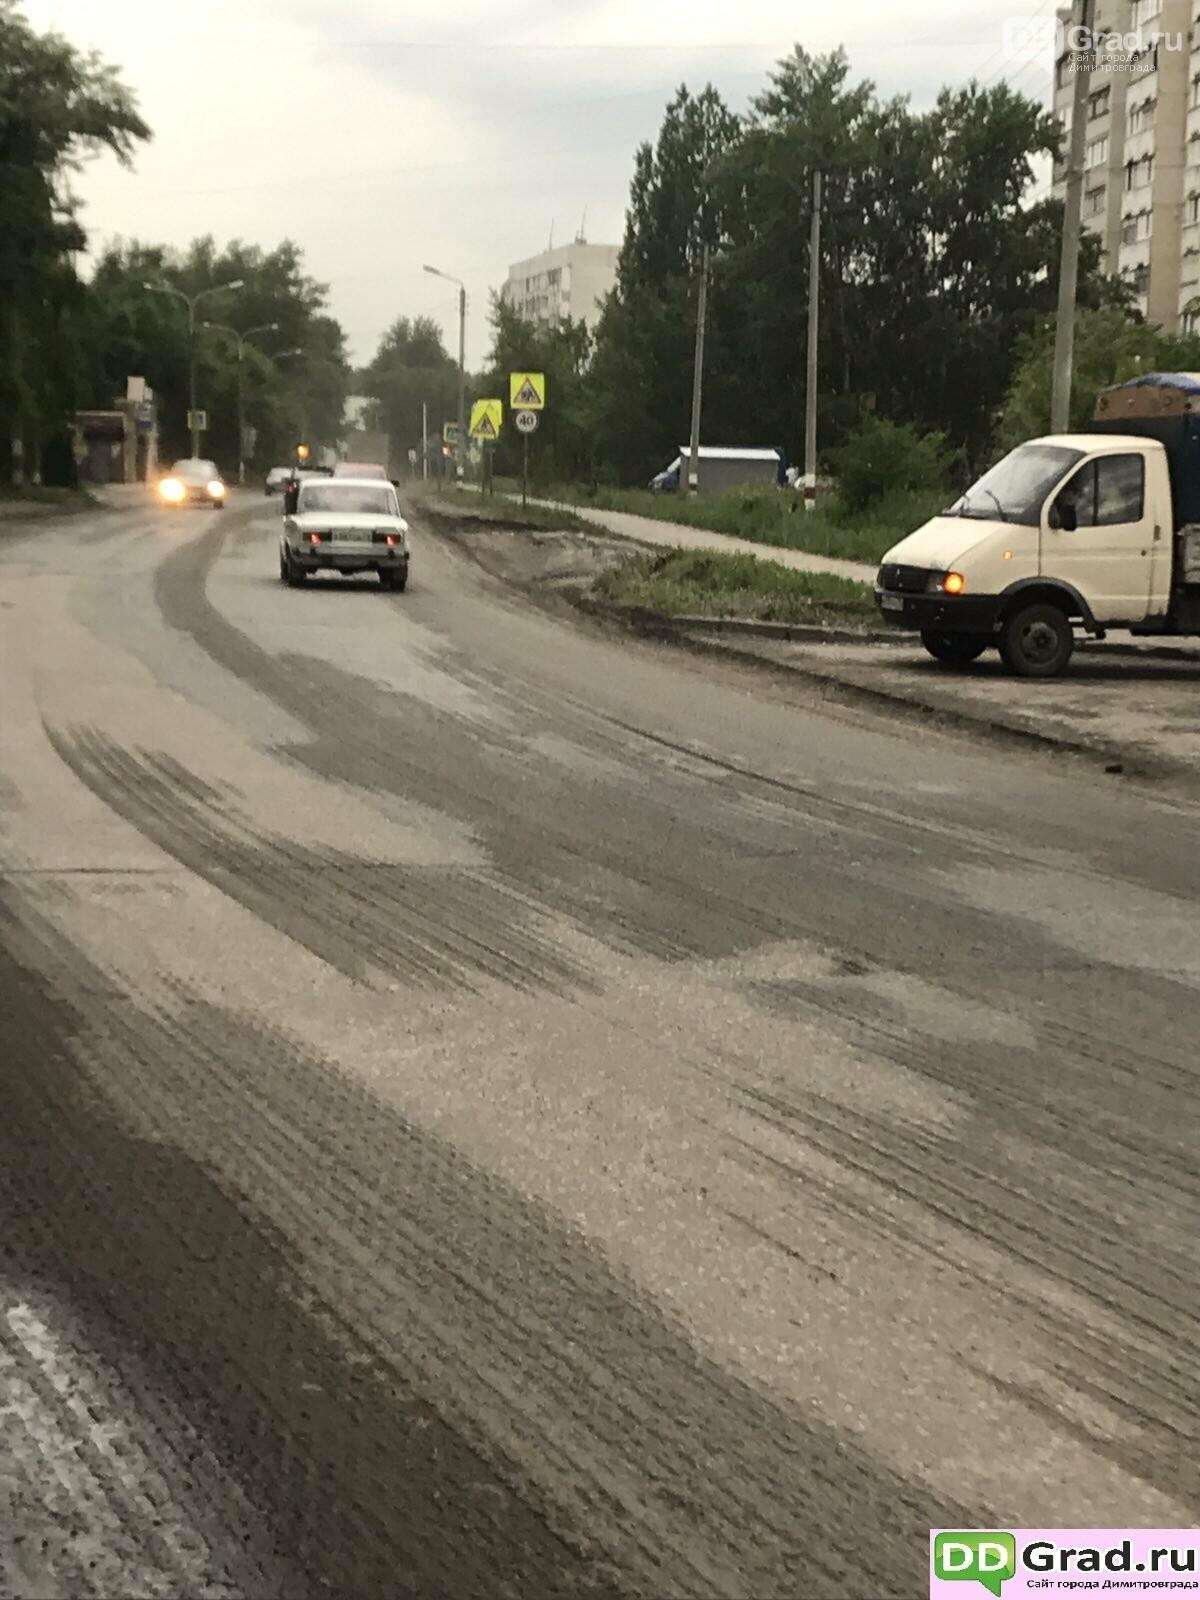 Эх, дороги... Пыль да туман... В Димитровграде начался ремонт дорог, фото-2